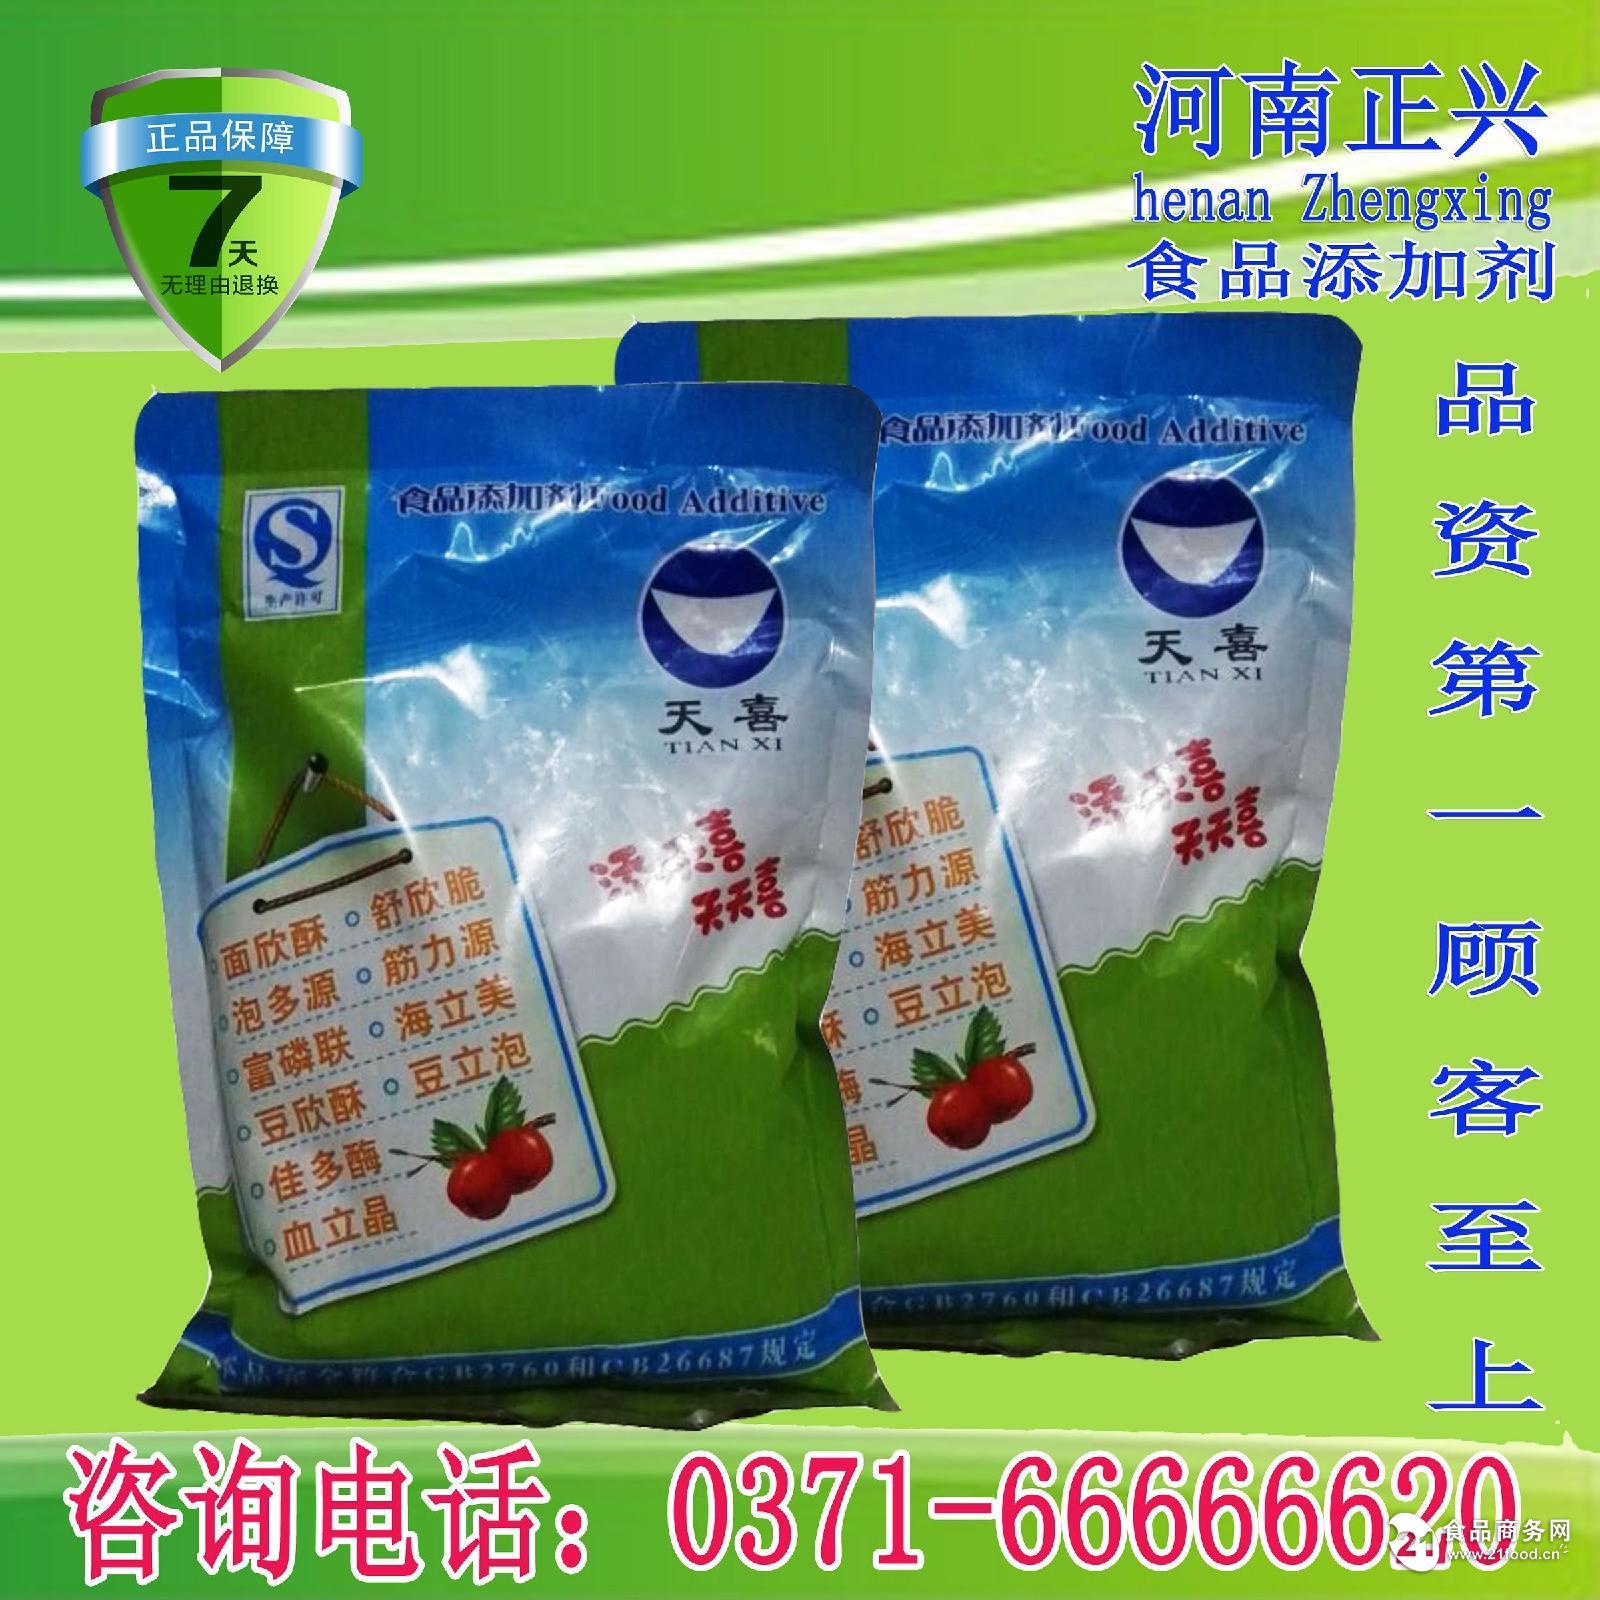 天喜筋力源米面制品增筋剂 耐煮剂凉皮筋B型